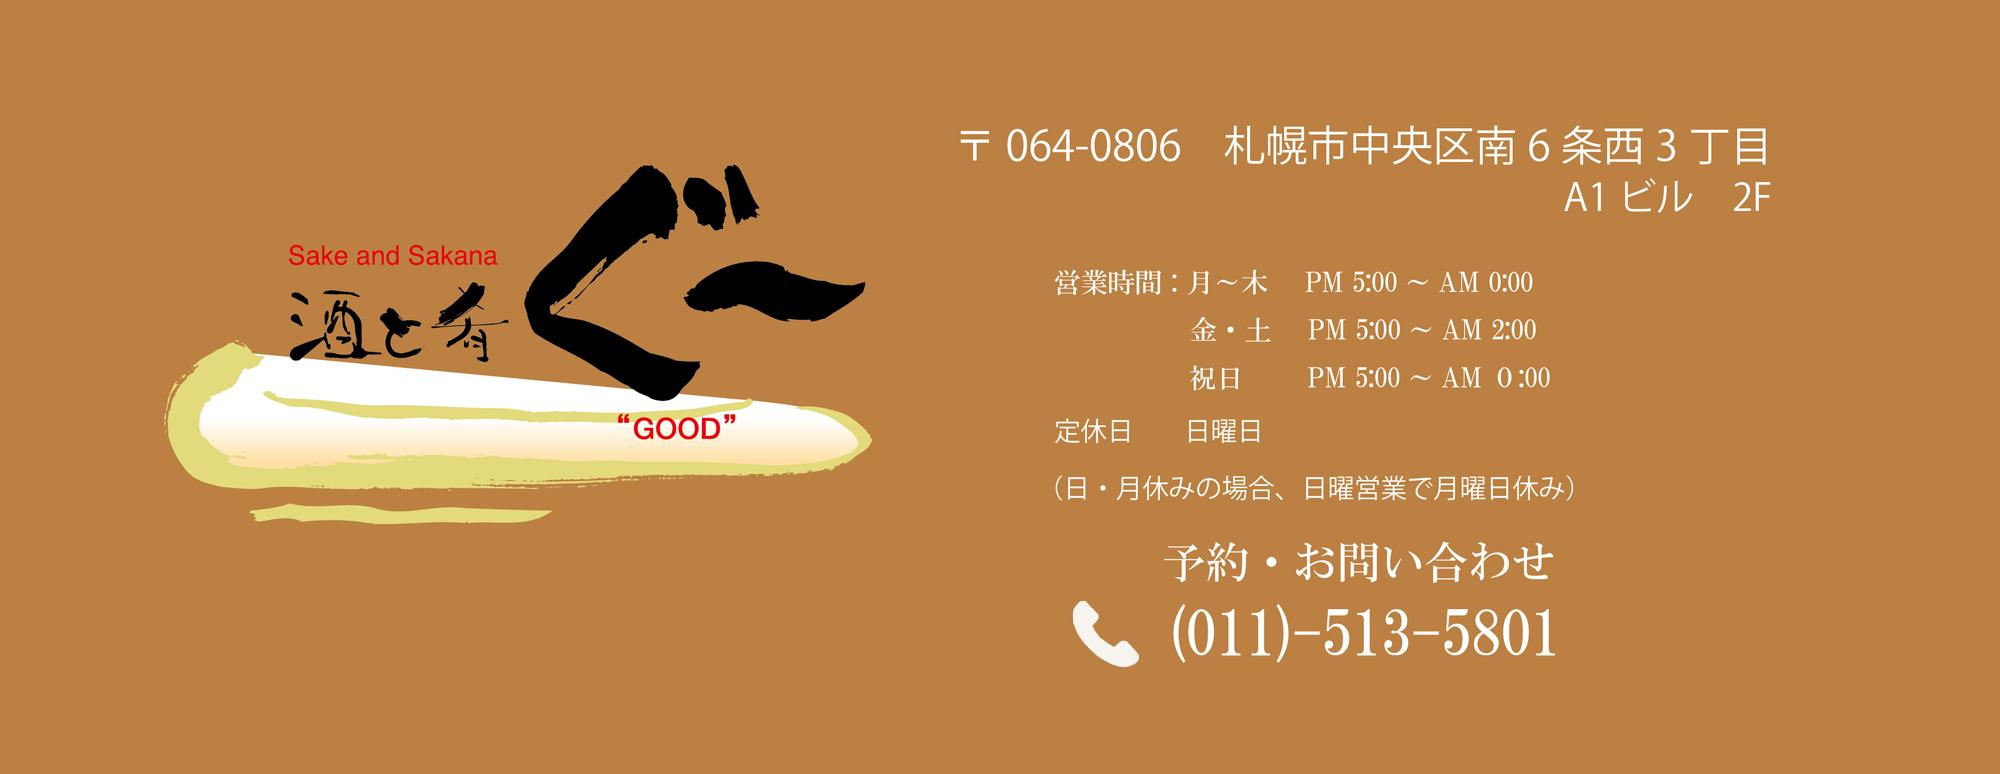 住所 札幌市中央区南6条西3丁目 A1ビル 2F 電話   (011)-552-3055 (※各種カード取扱)